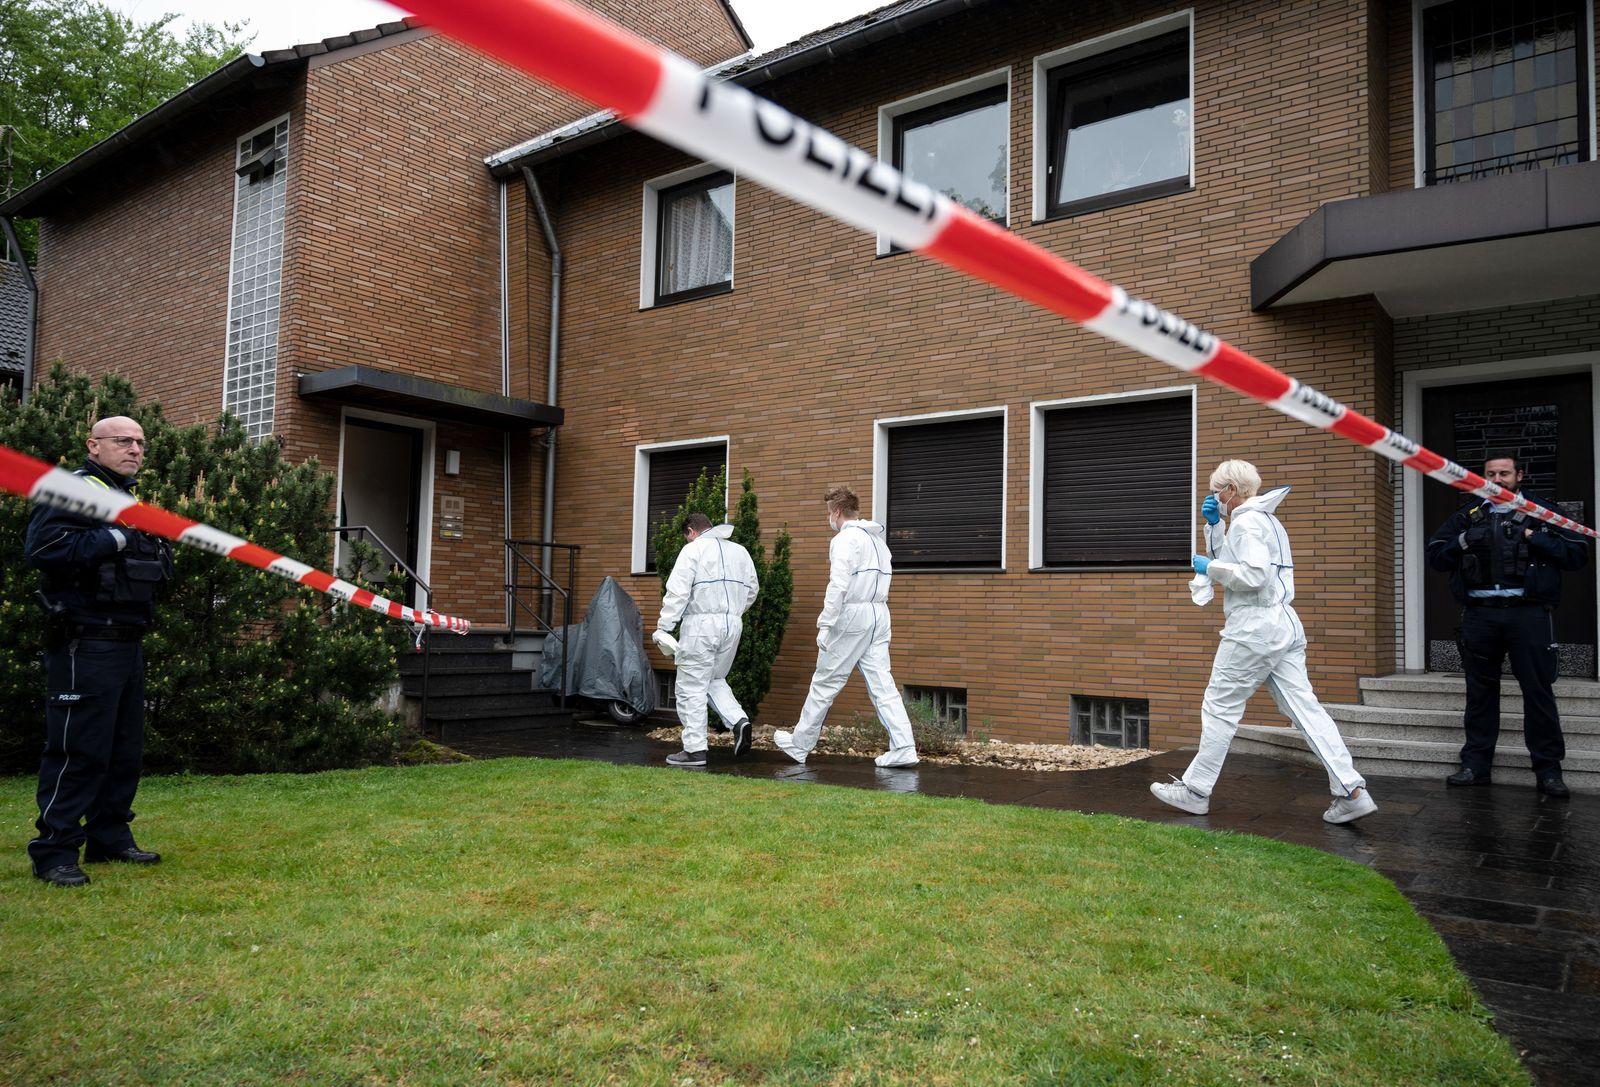 SEK-Polizist stirbt bei Einsatz